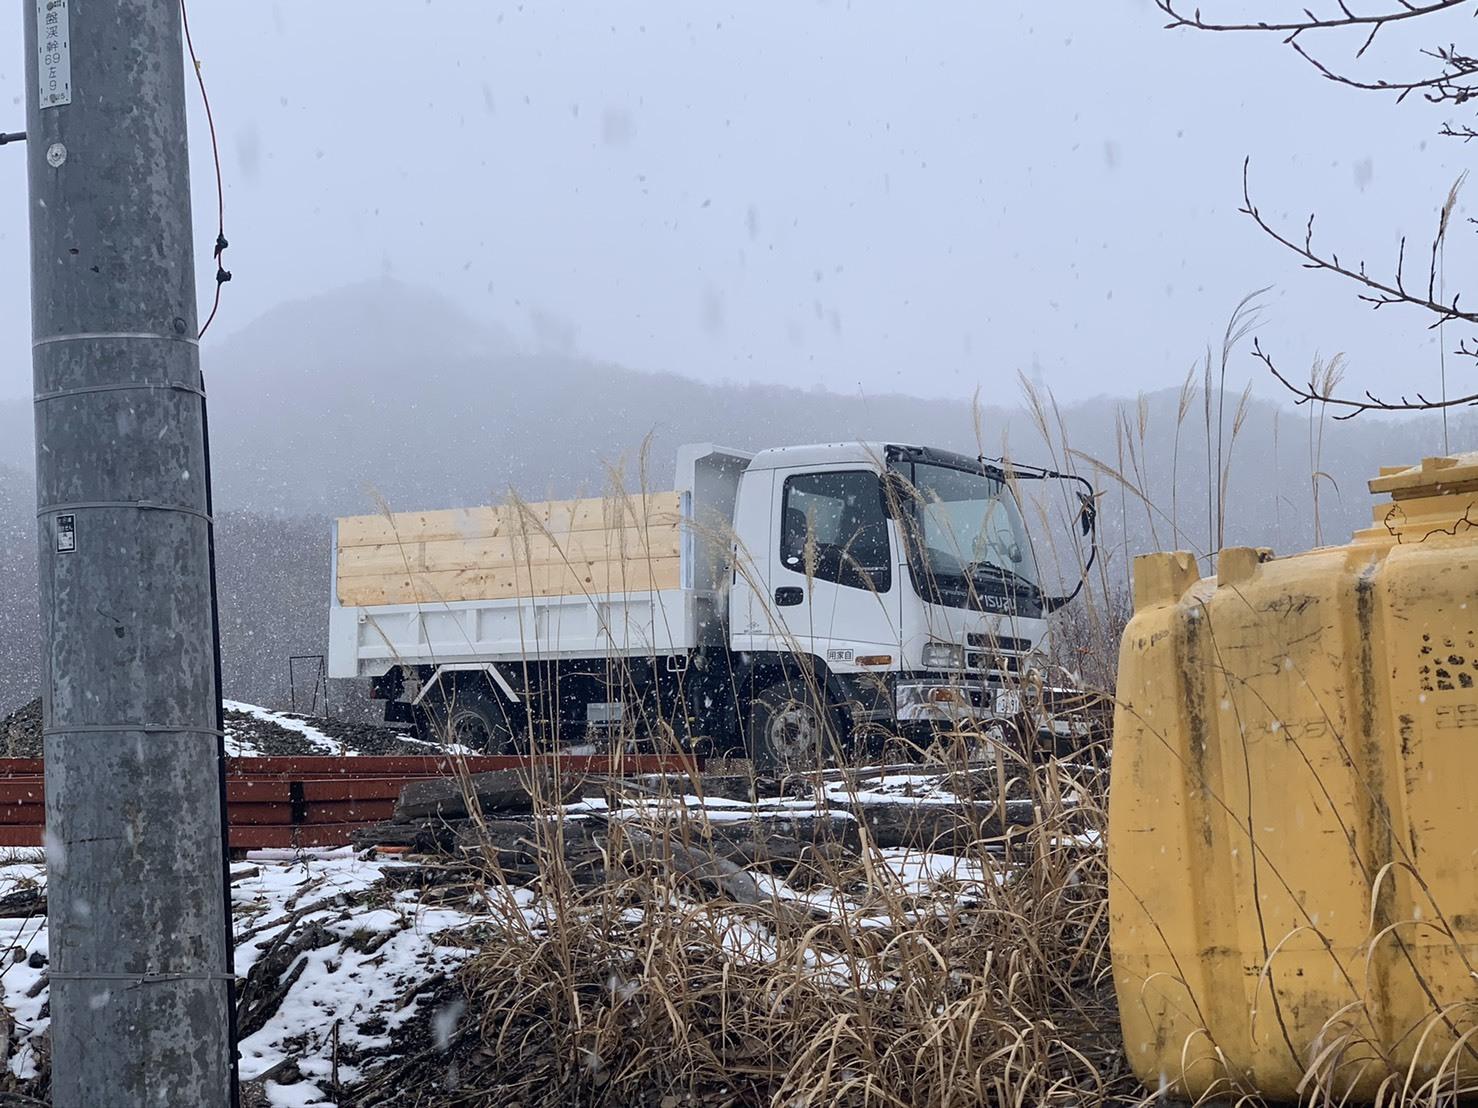 12月1日(日)🐼12月スターティン👆✨除雪車のことならトミーまで⋈。✧ ランクル エスカレード ハマー♡TOMMY♡_b0127002_16574162.jpg